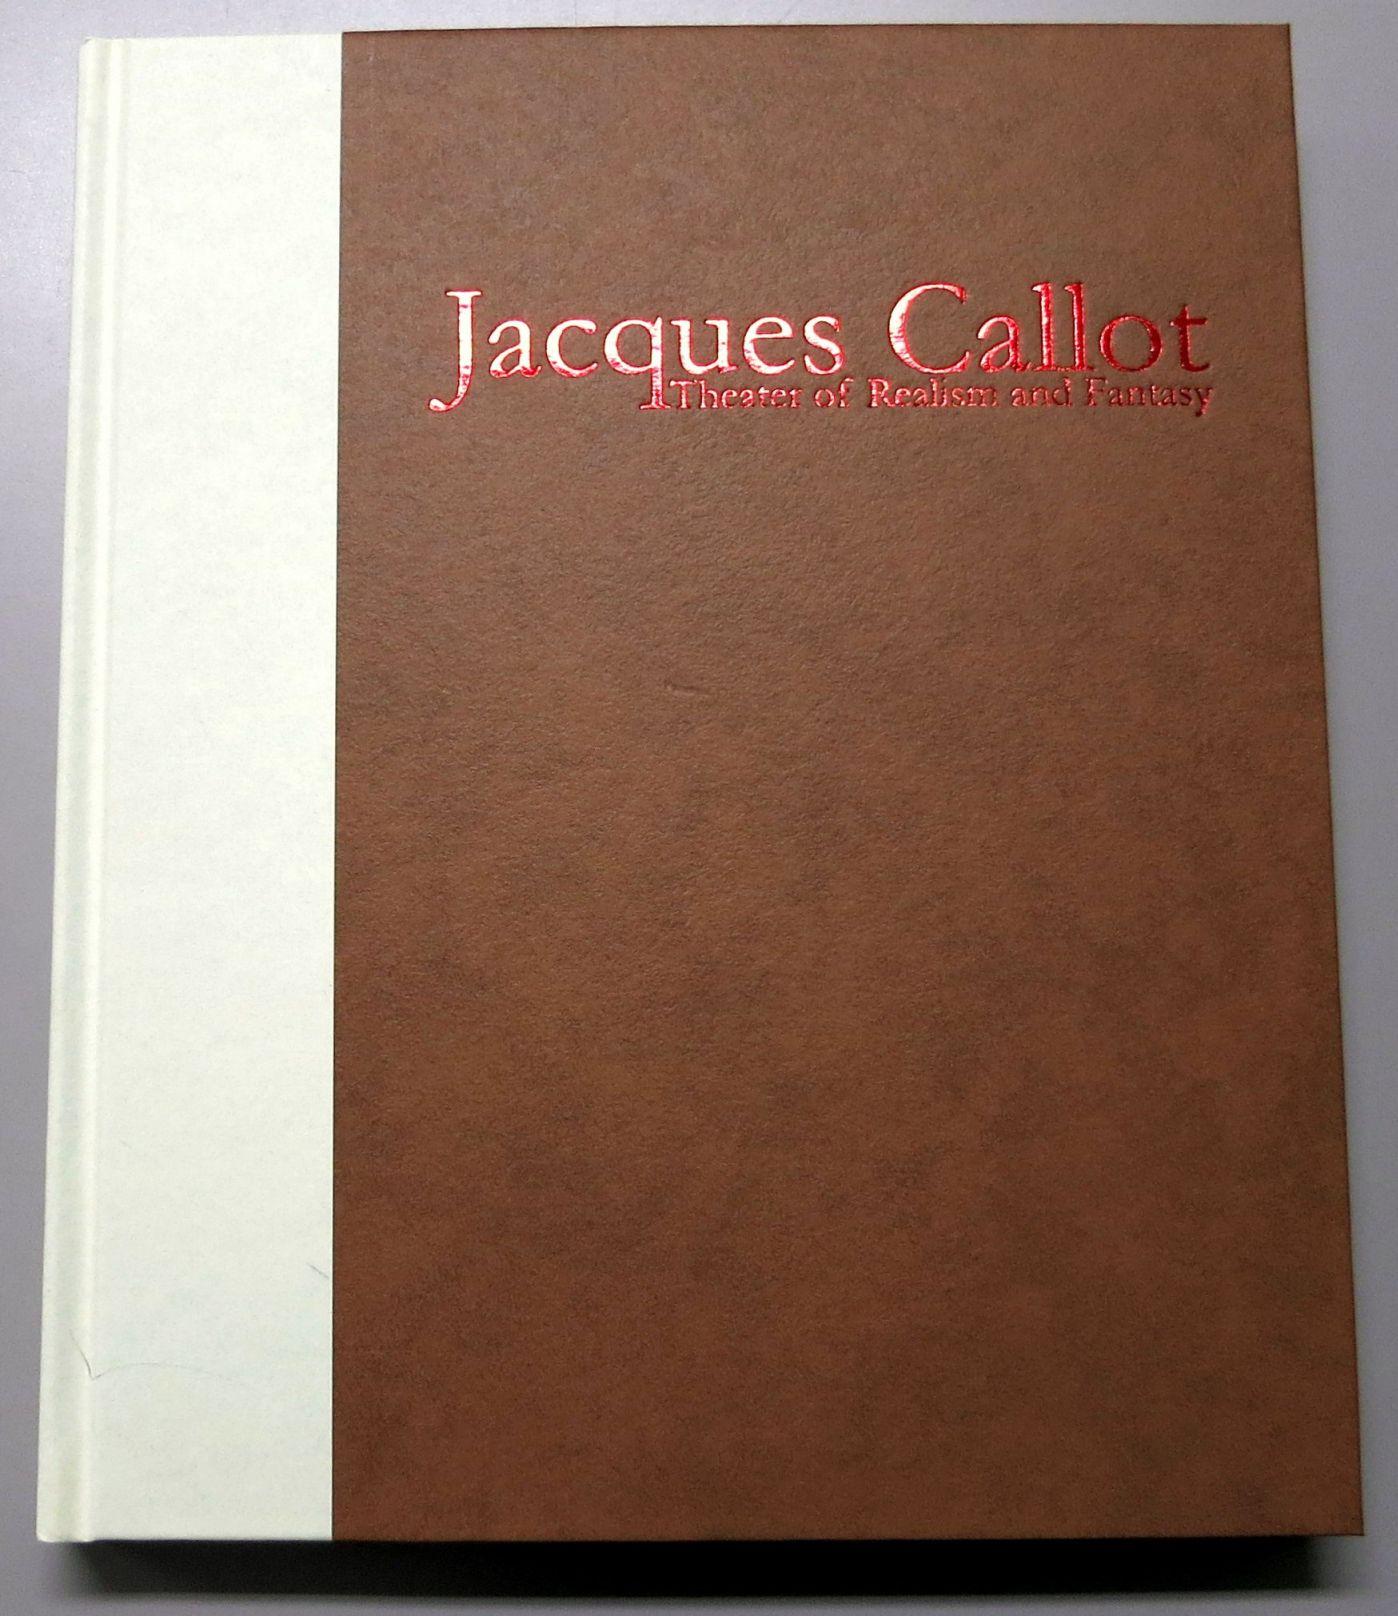 ジャック・カロの画像 p1_6